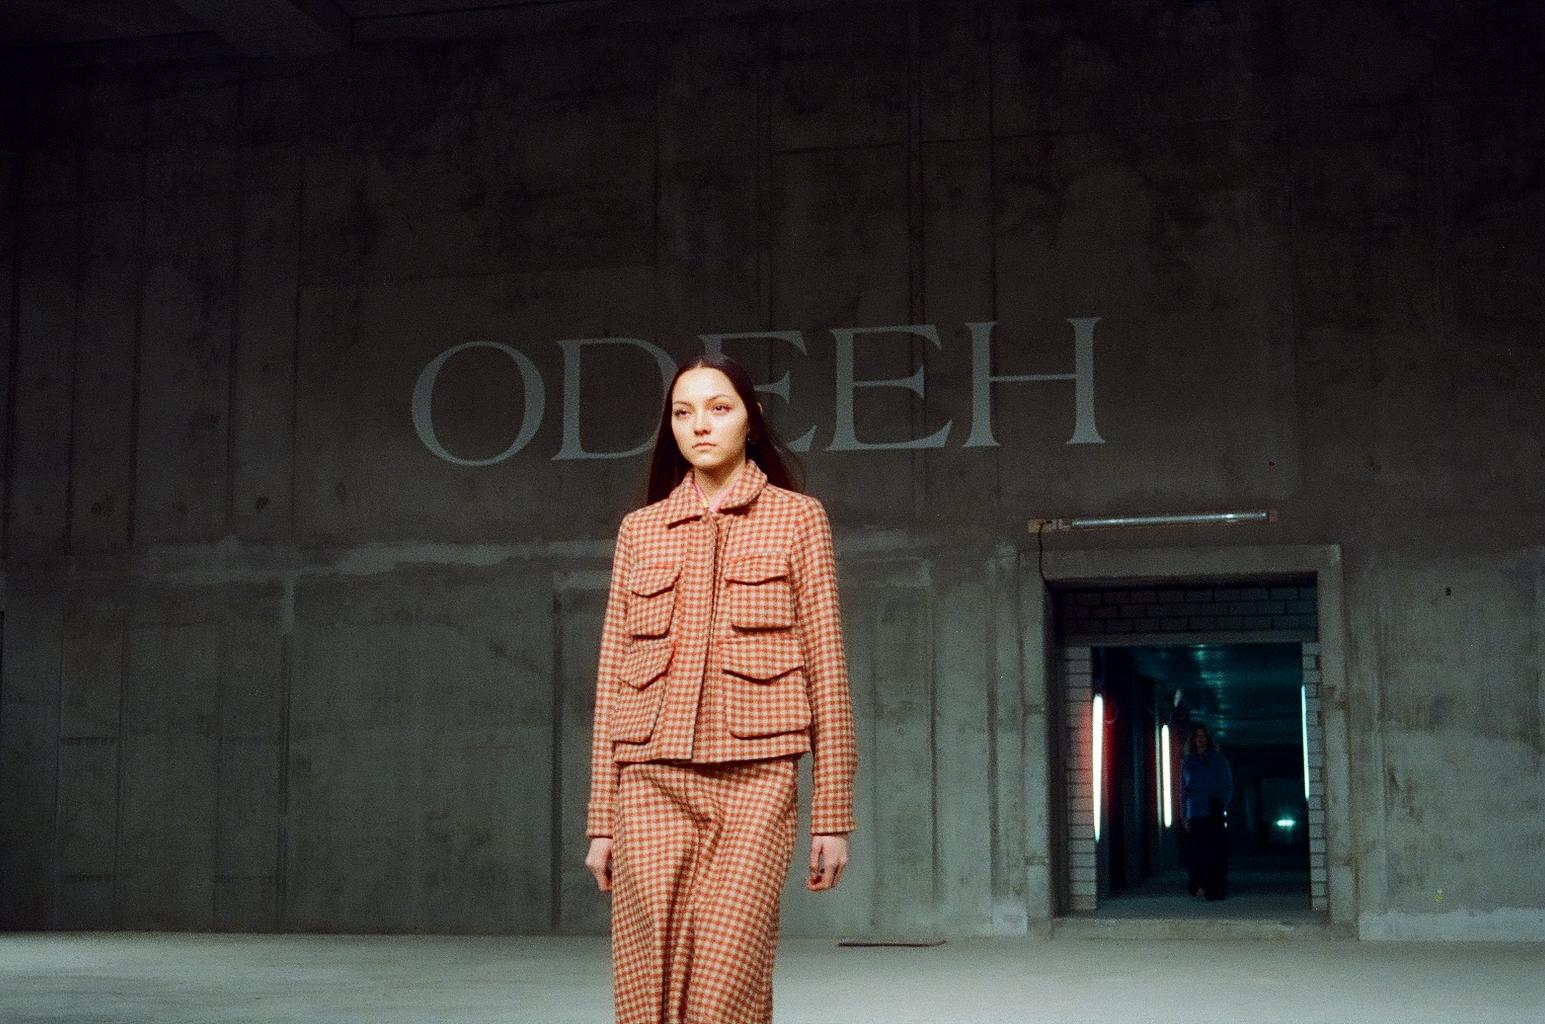 honigschreck_ honigstein _ fashionweek _ odeeh (20).jpg